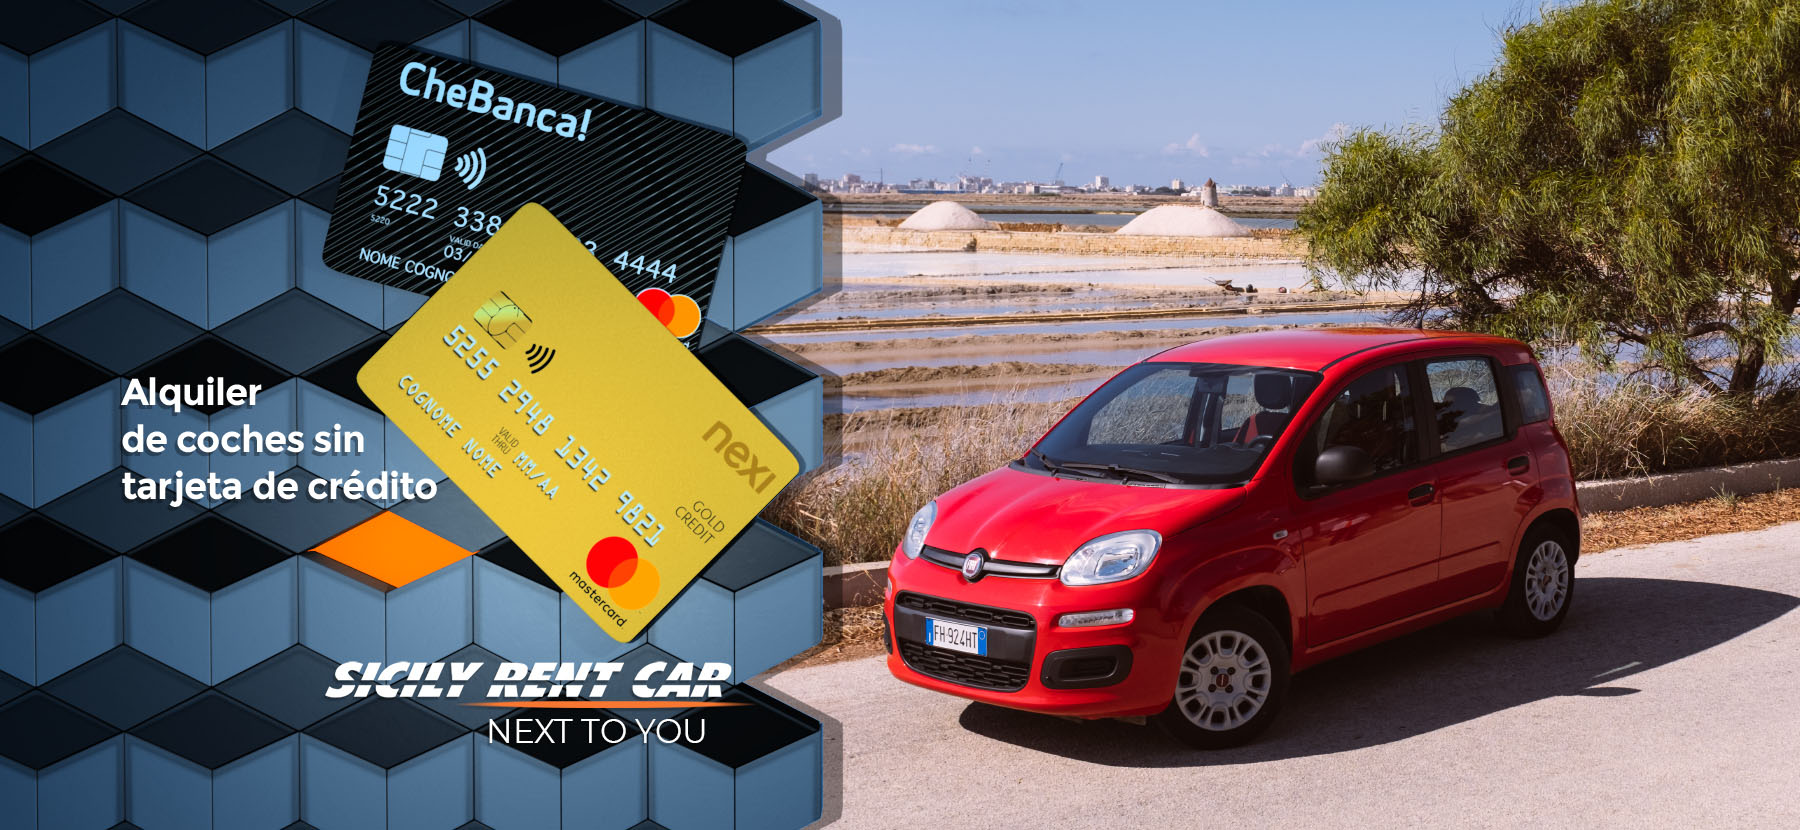 Alquiler de coches sin tarjeta de crédito